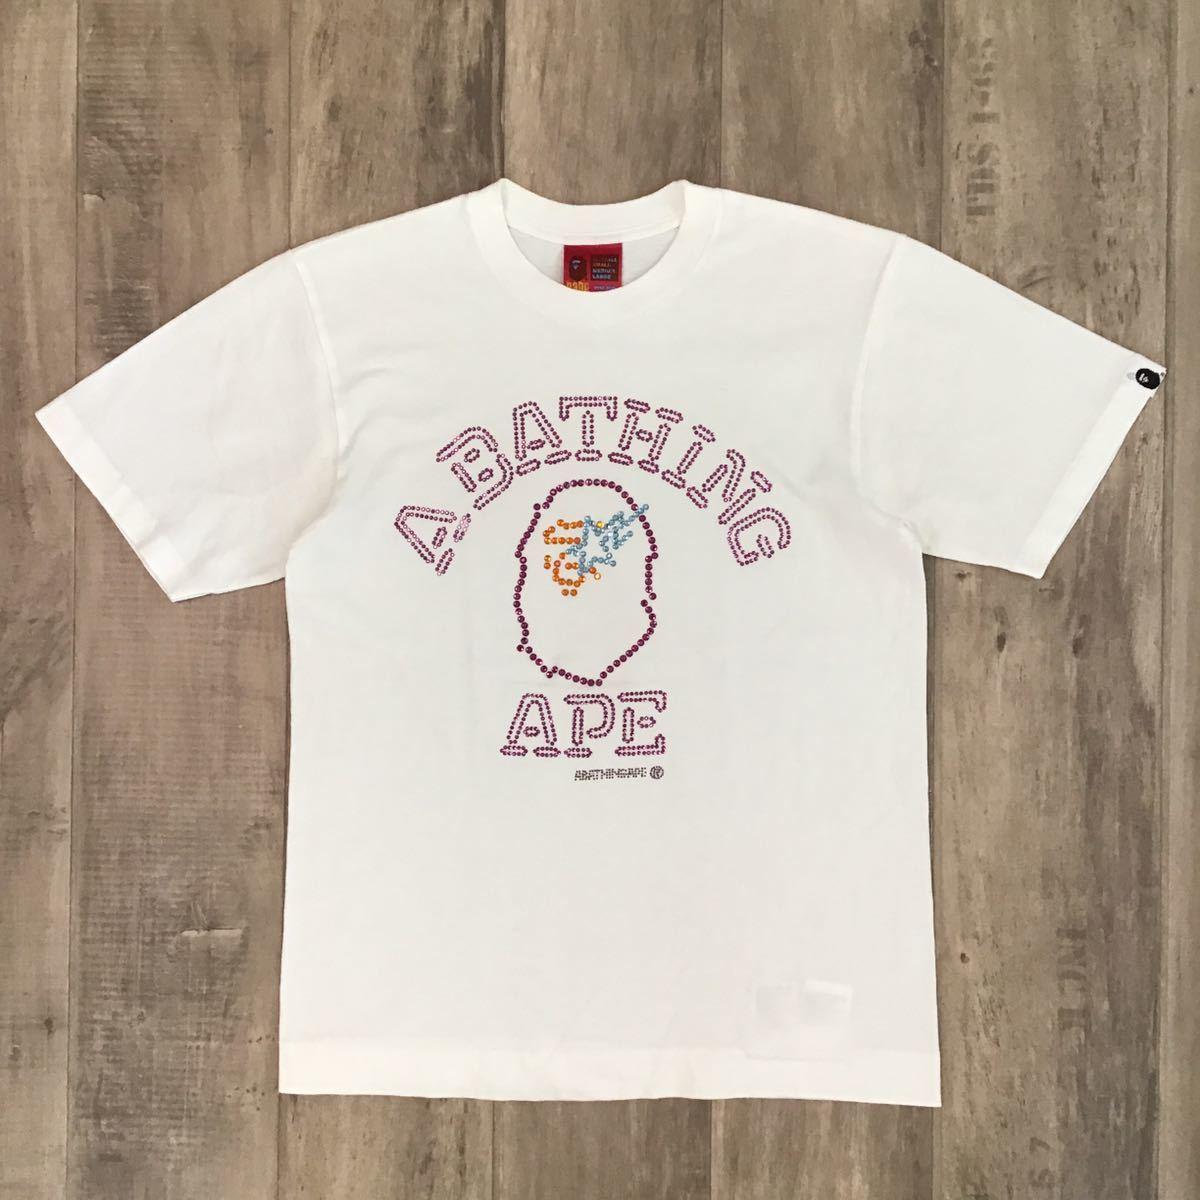 swarovski カレッジロゴ Tシャツ Sサイズ a bathing ape スワロフスキー エイプ ベイプ アベイシングエイプ bape sta ラインストーン 8m8